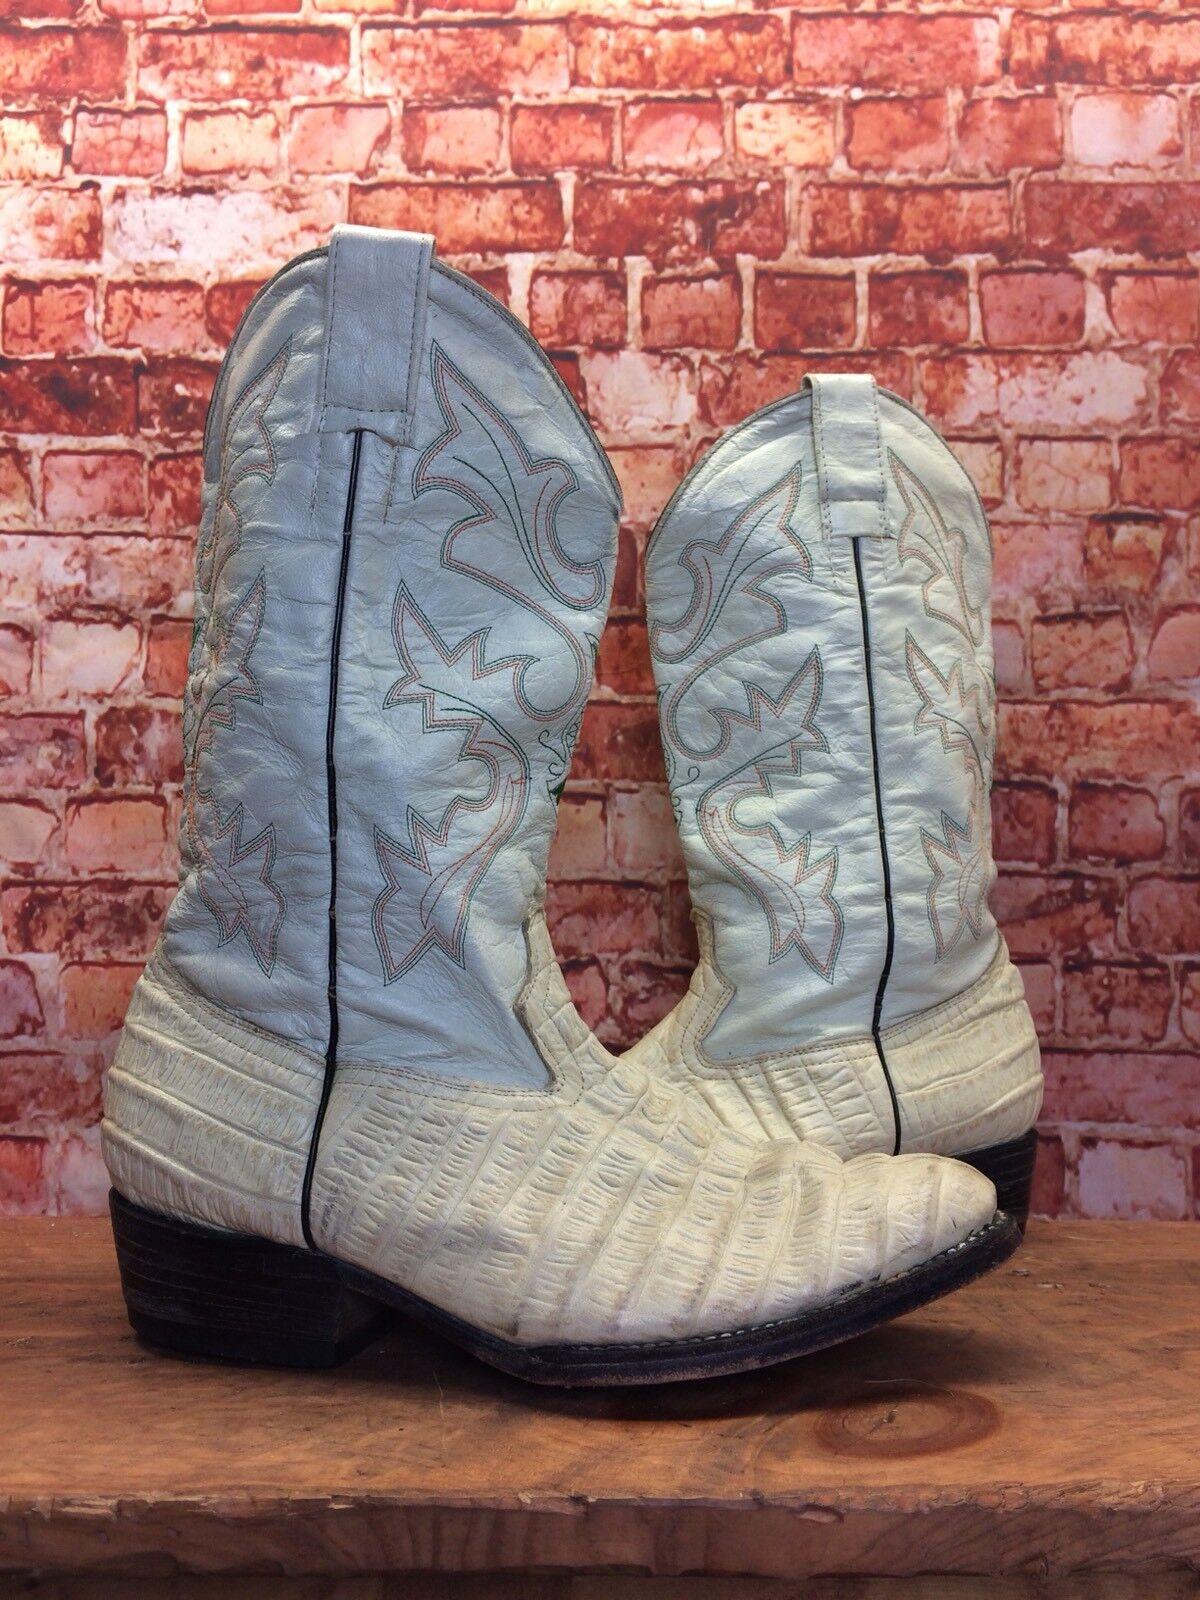 Vintage Hombres blancoo Croc Relieve blancoo botas Cowboy Oeste